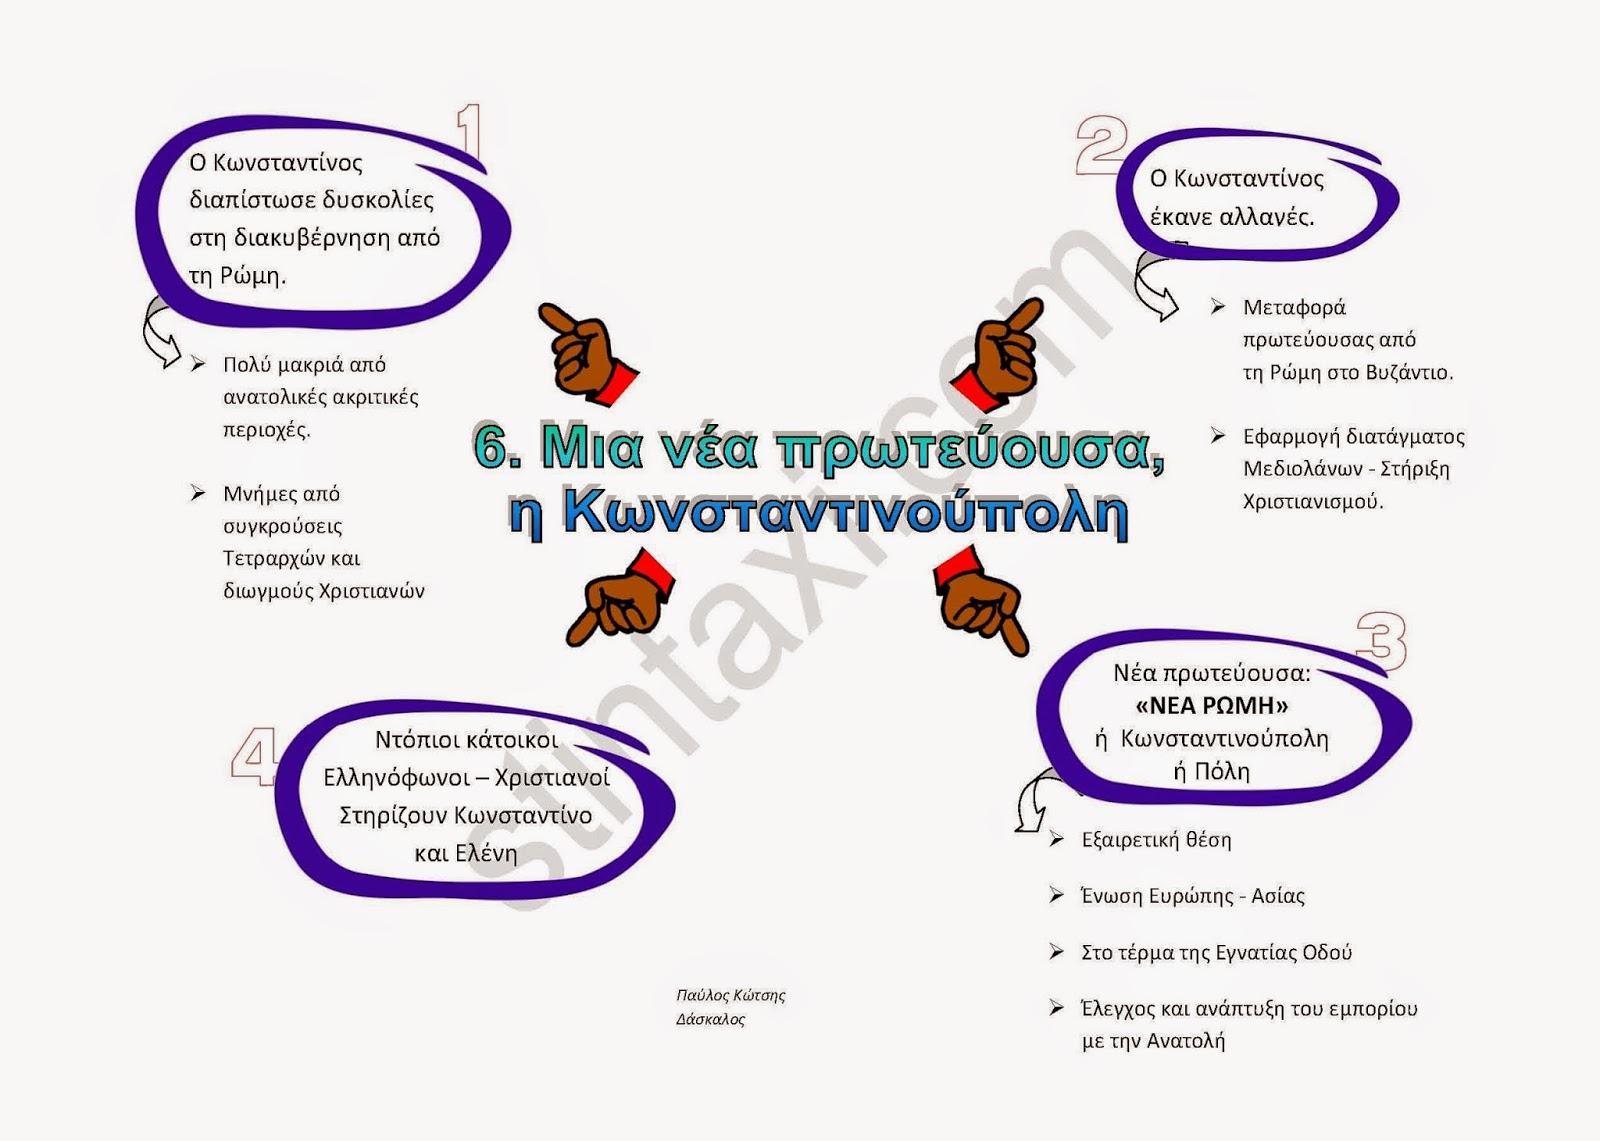 http://www.stintaxi.com/uploads/1/3/1/0/13100858/hist-e-6-v2.pdf